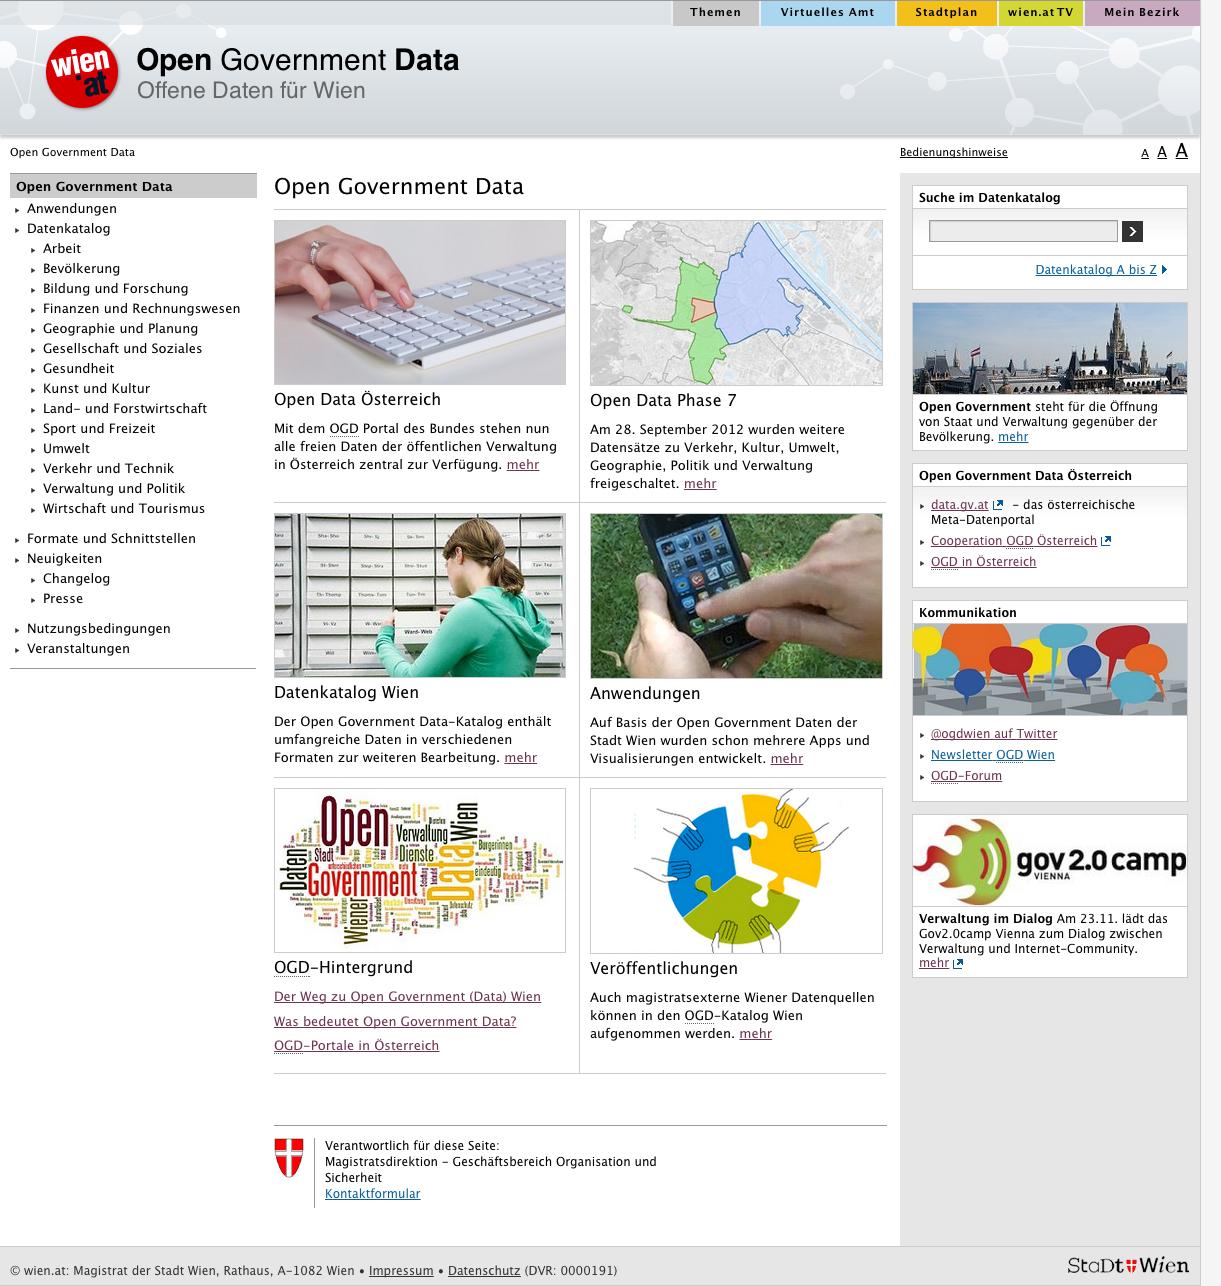 Abbildung 14: Screenshot der Seite data.wien.gv.at mit der Abbildung einer Tag Cloud im linken, unteren Bereich [Quelle: http://data.wien.gv.at am 02.10.2012].